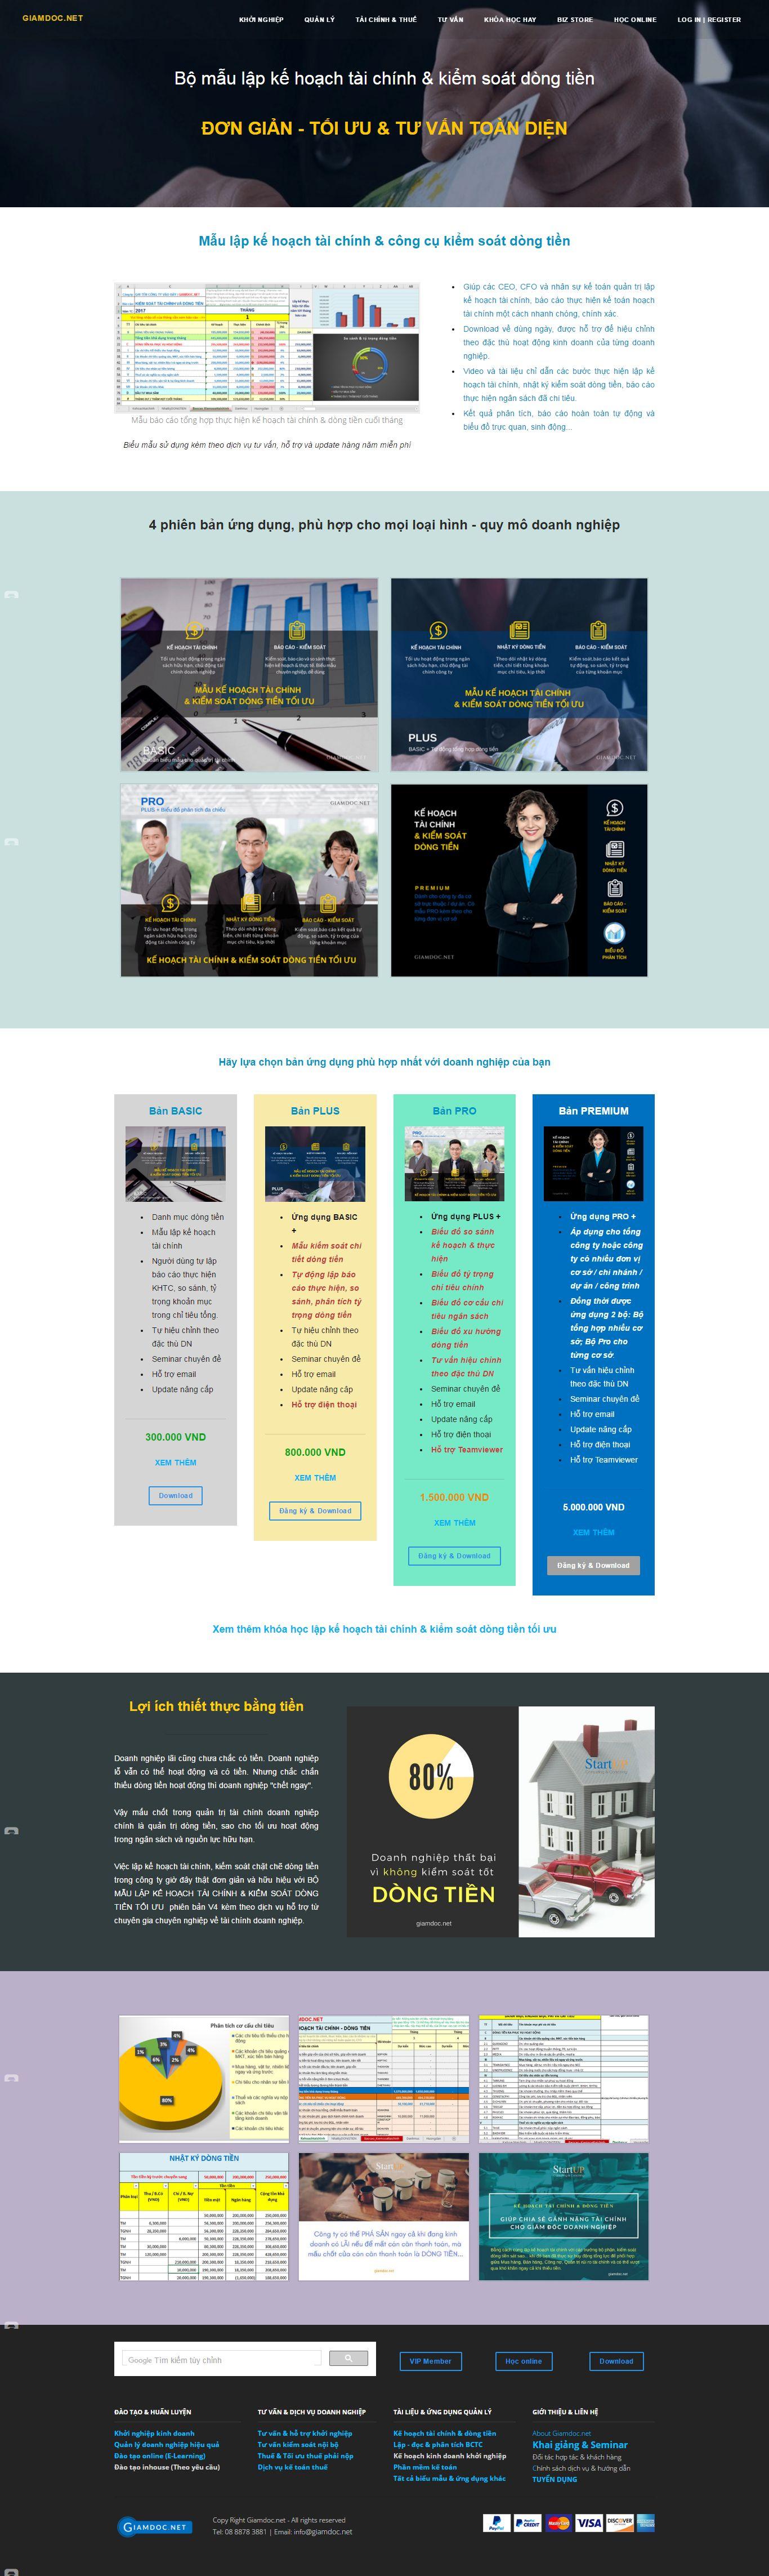 Thiết kế website Tư vấn, huấn luyện & hỗ trợ phát triển kinh doanh bền vững